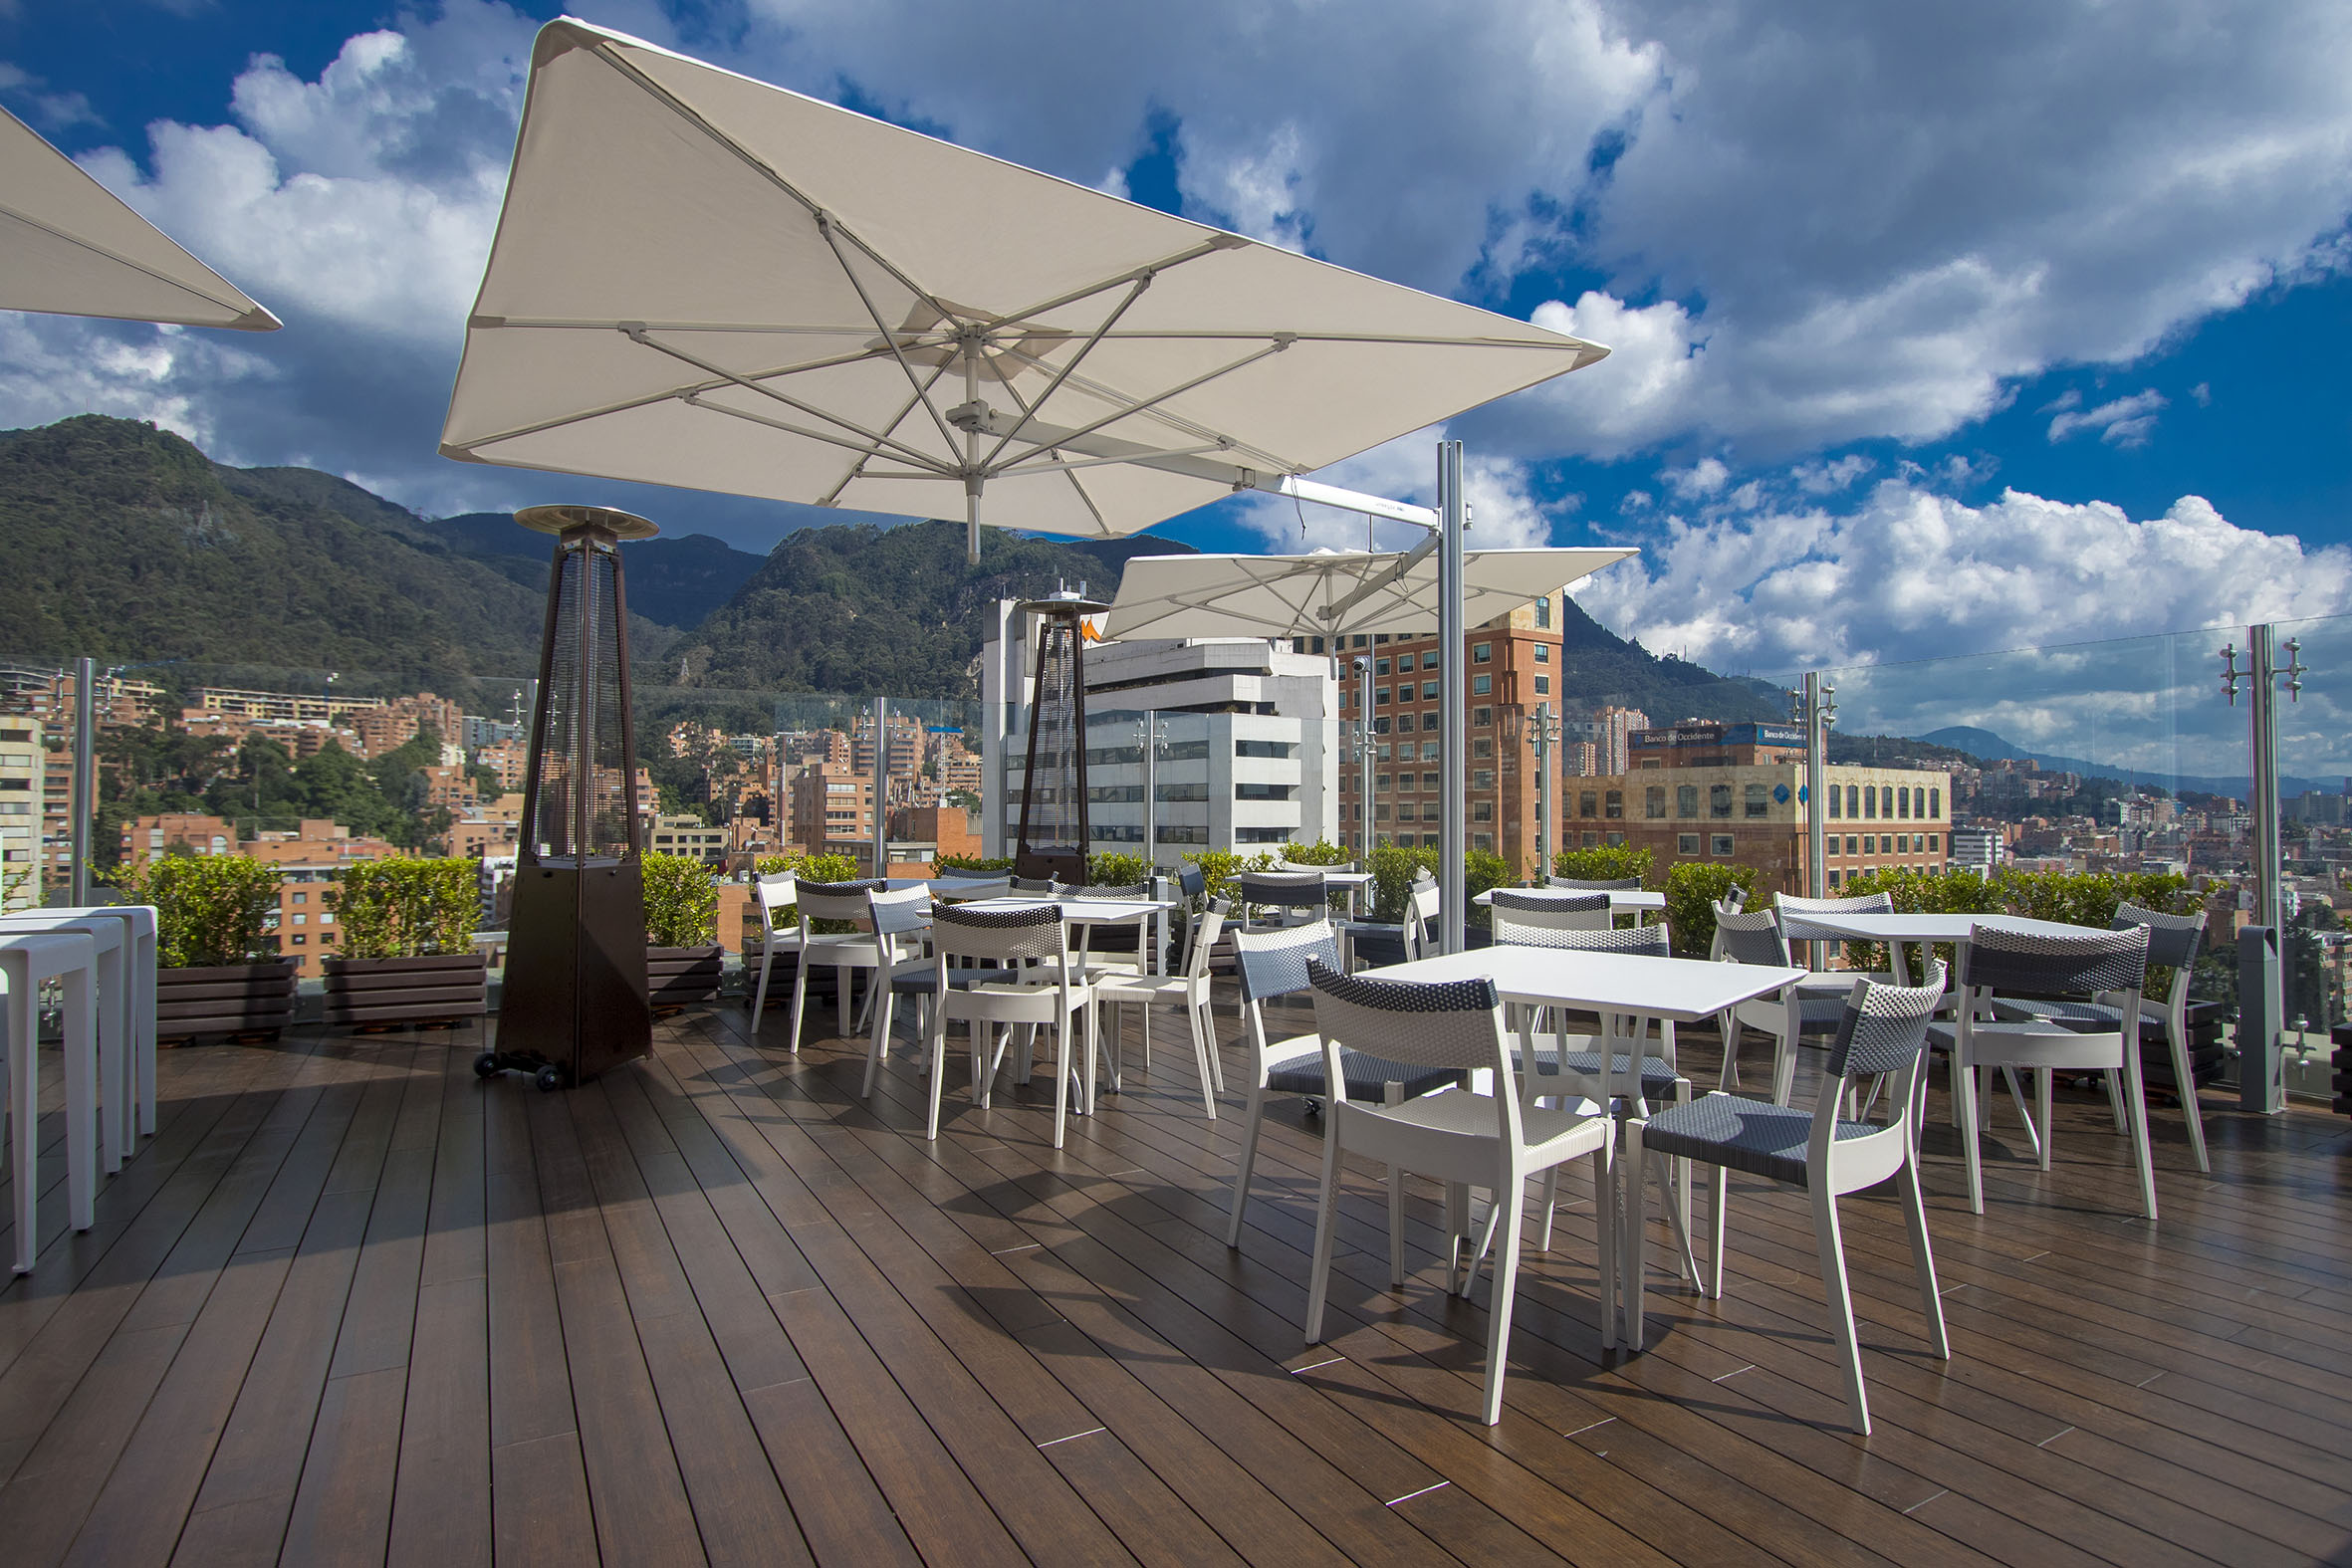 Hotel Hilton Bogotá Sky 15 Rooftop Lure Bogotá